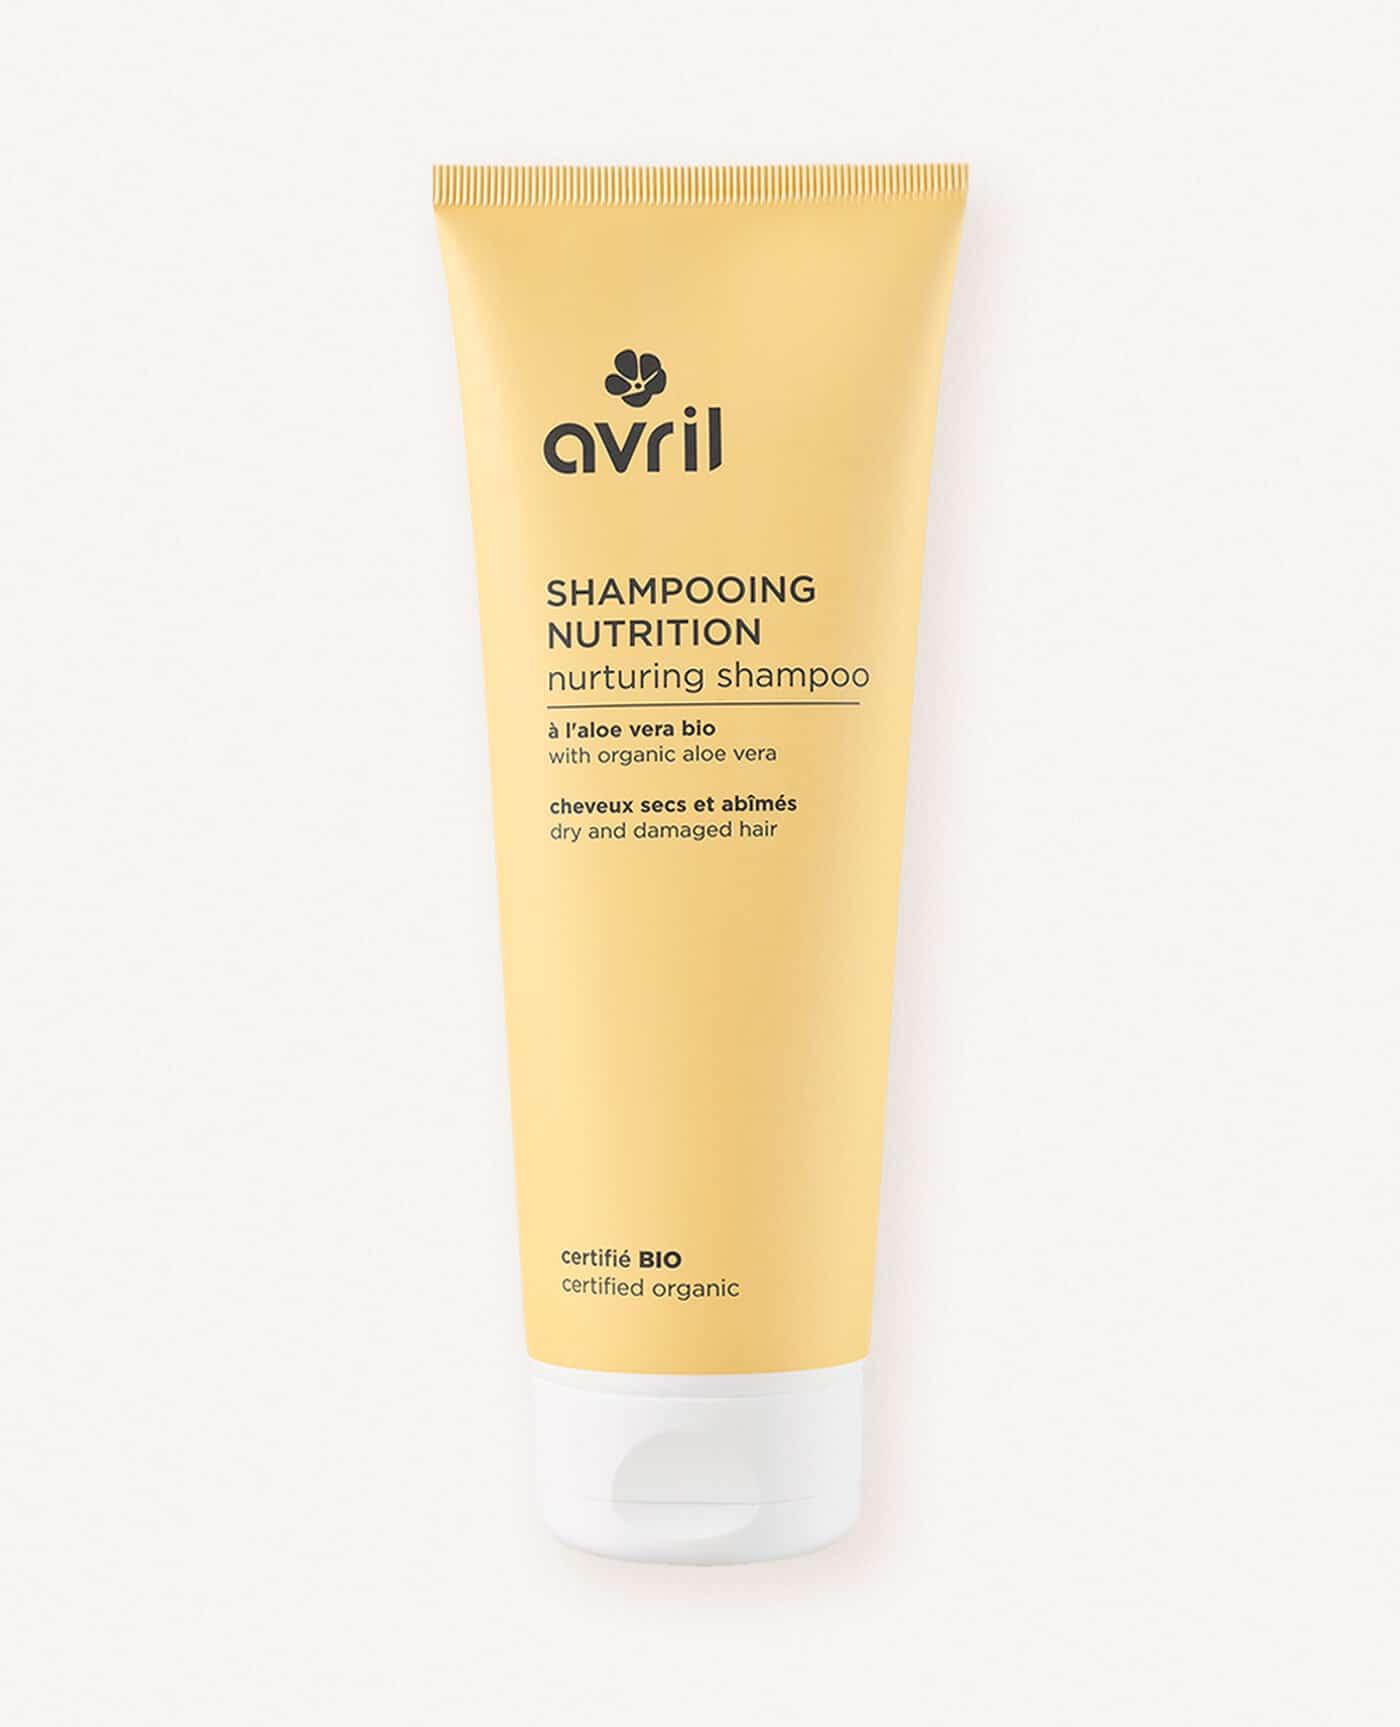 Shampoing nutrition bio, naturel et vegan de la marque Avril cosmétiques made in france